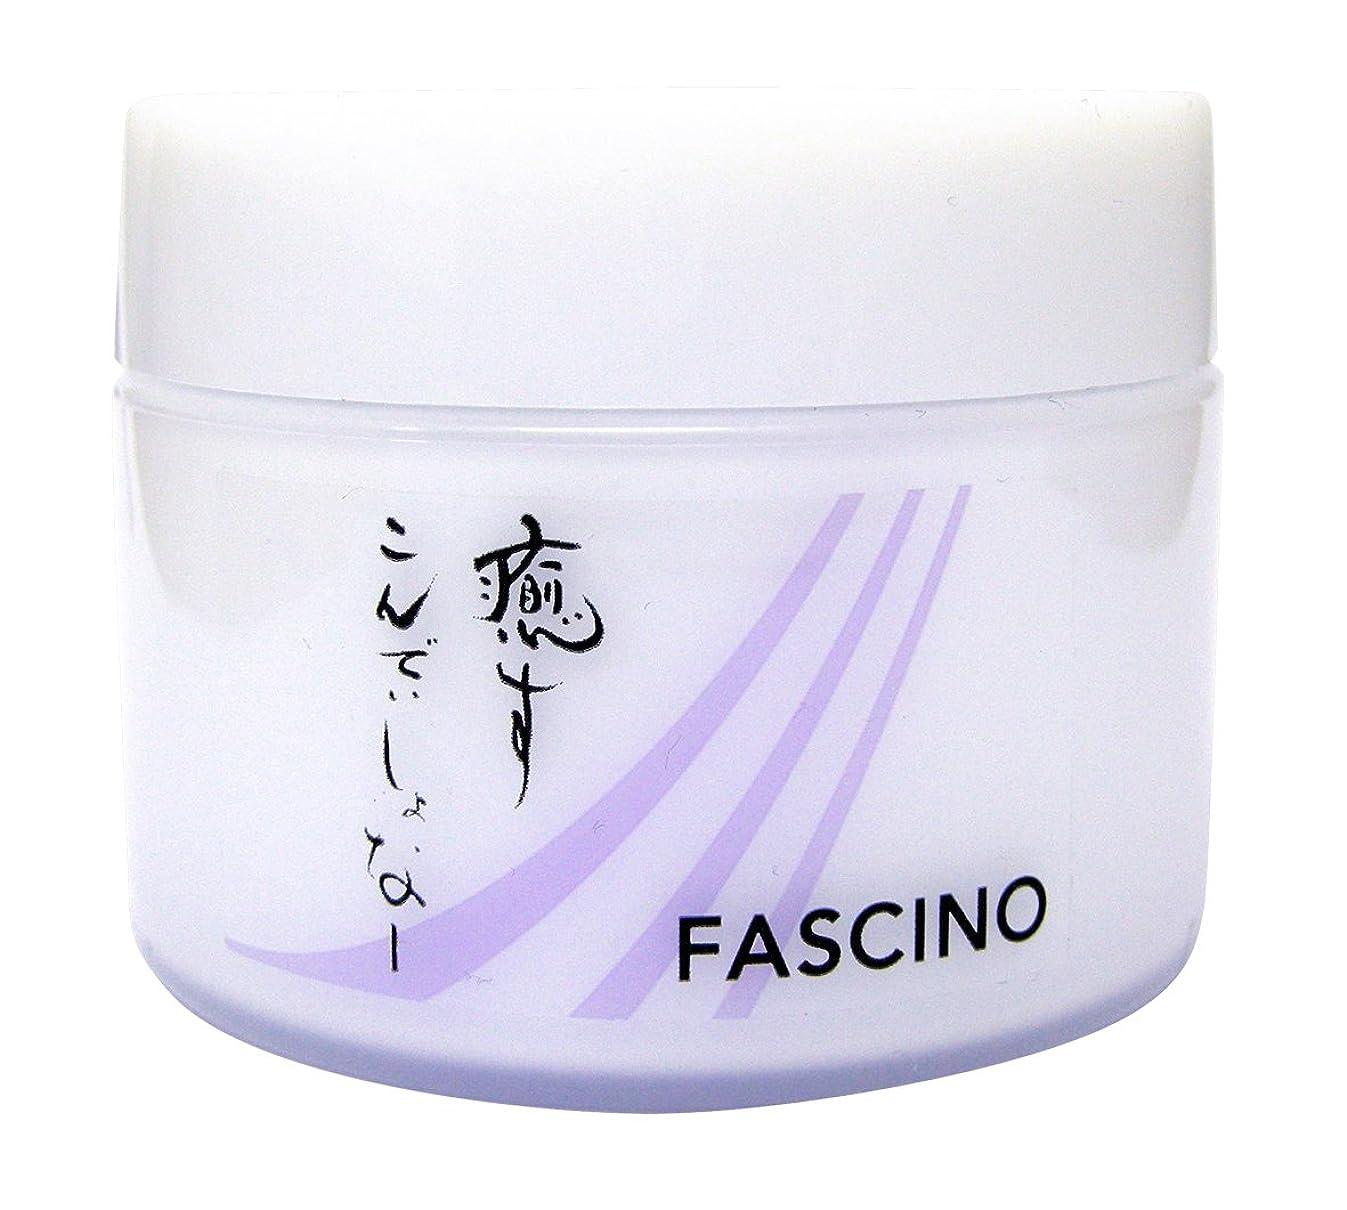 シプリー乳製品ファッシーノ 癒すコンディショナー